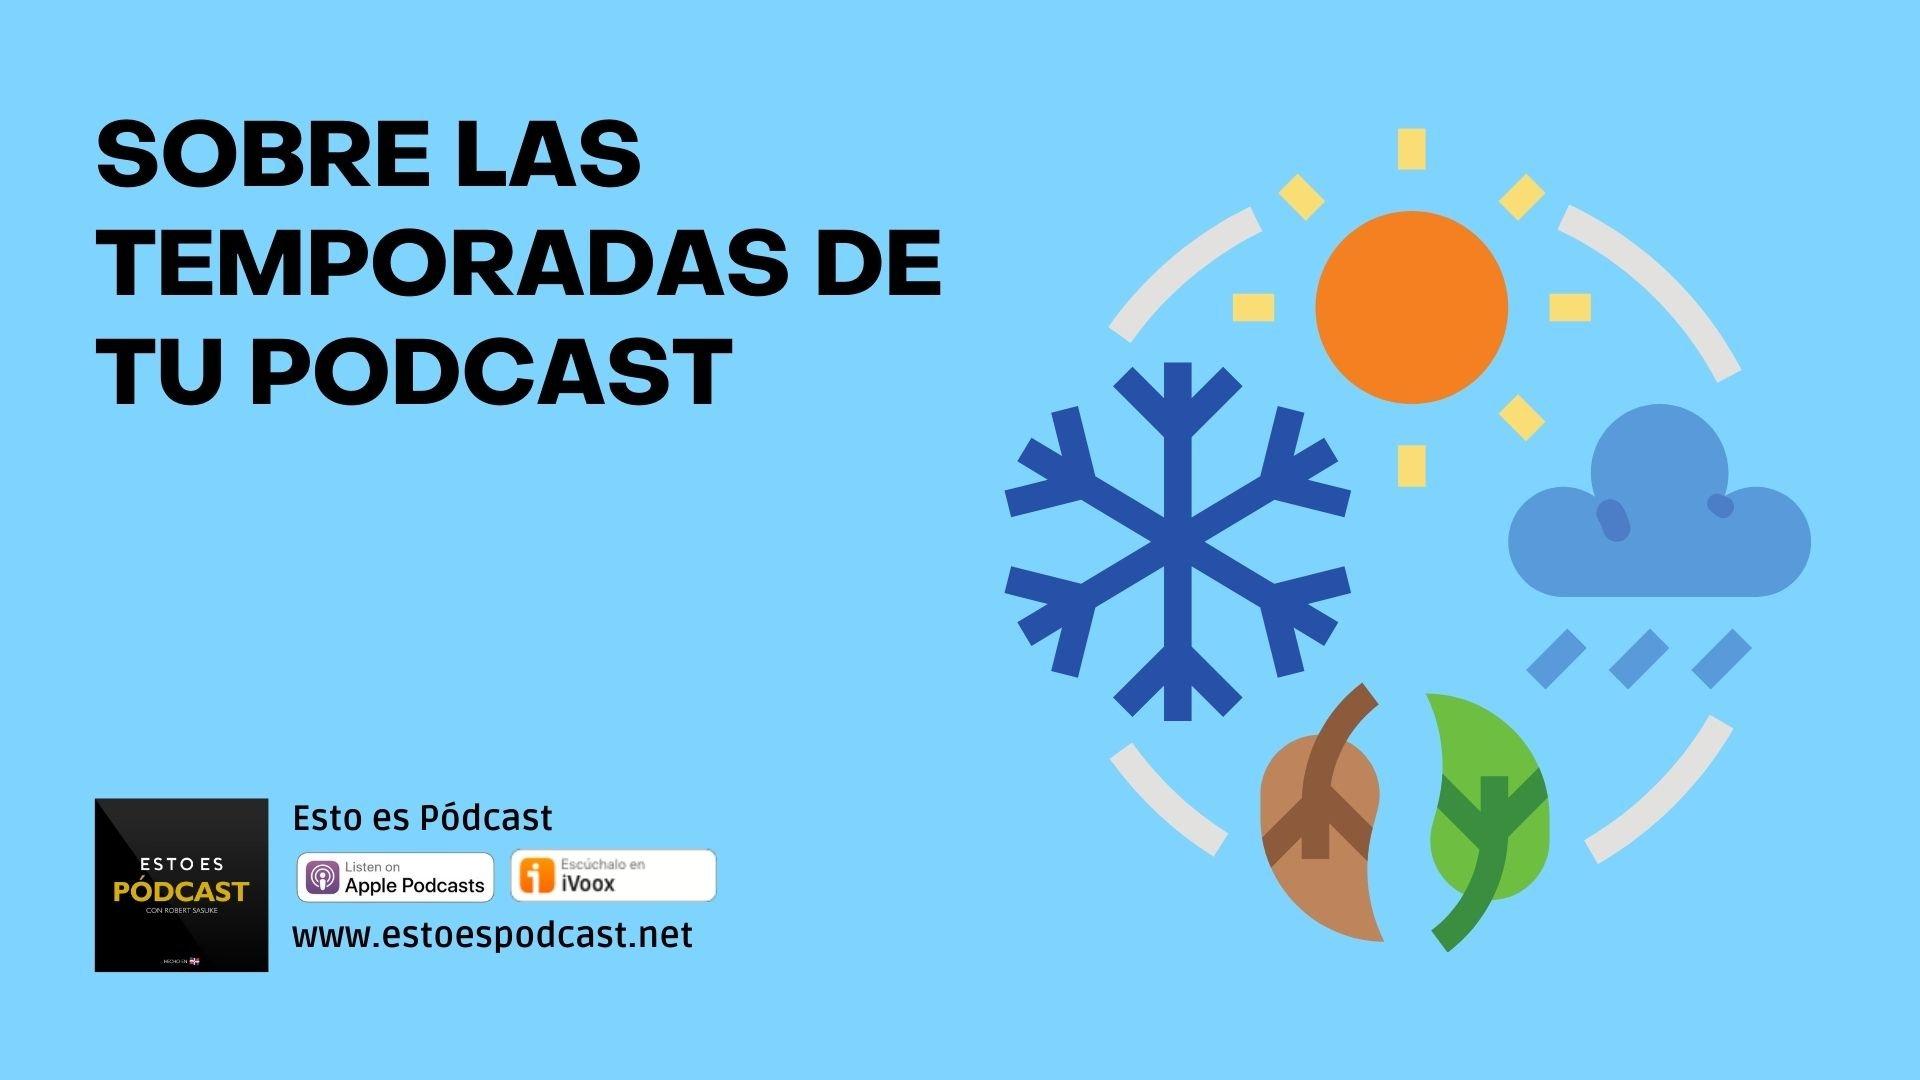 ¿Cada cuánto tiempo debo crear nuevas temporadas en mi podcast?